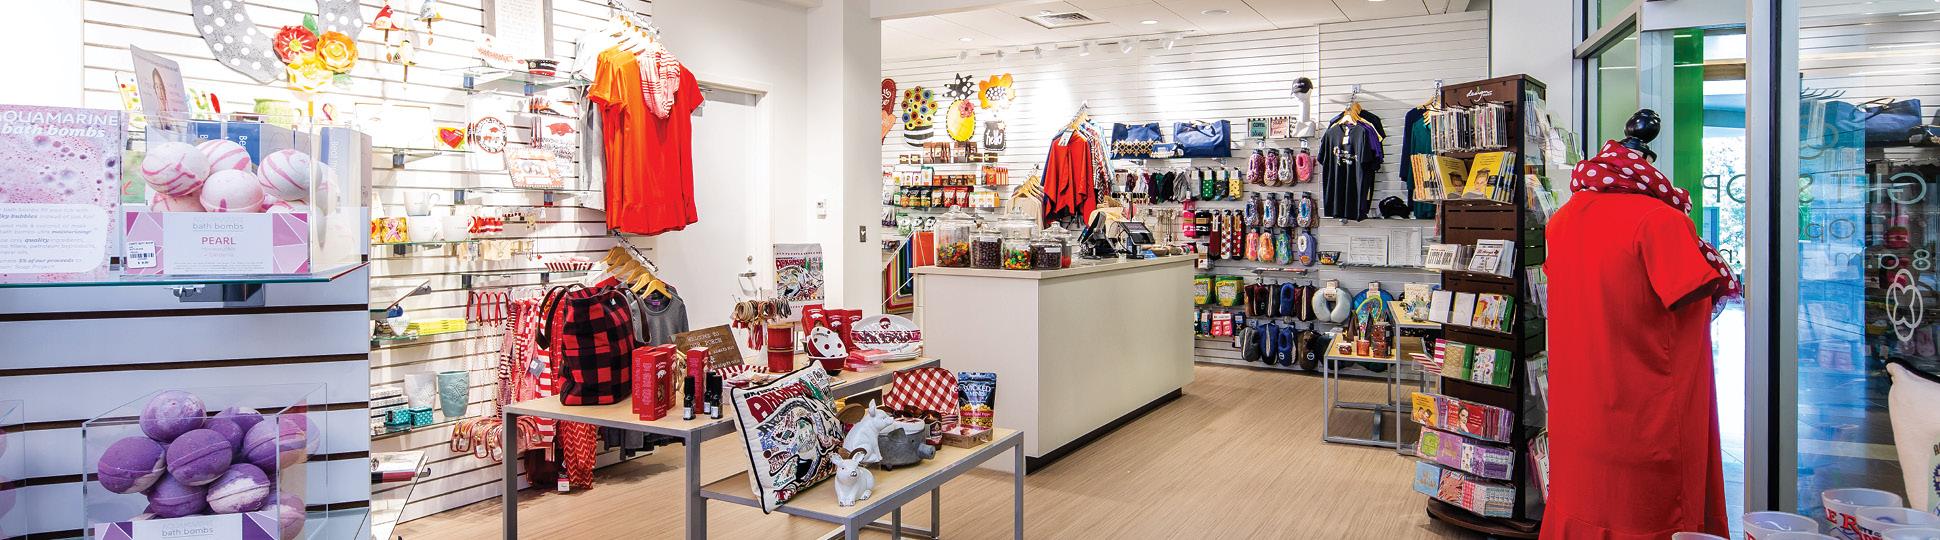 CARTI Cancer Center Gift Shop, Little Rock, AR